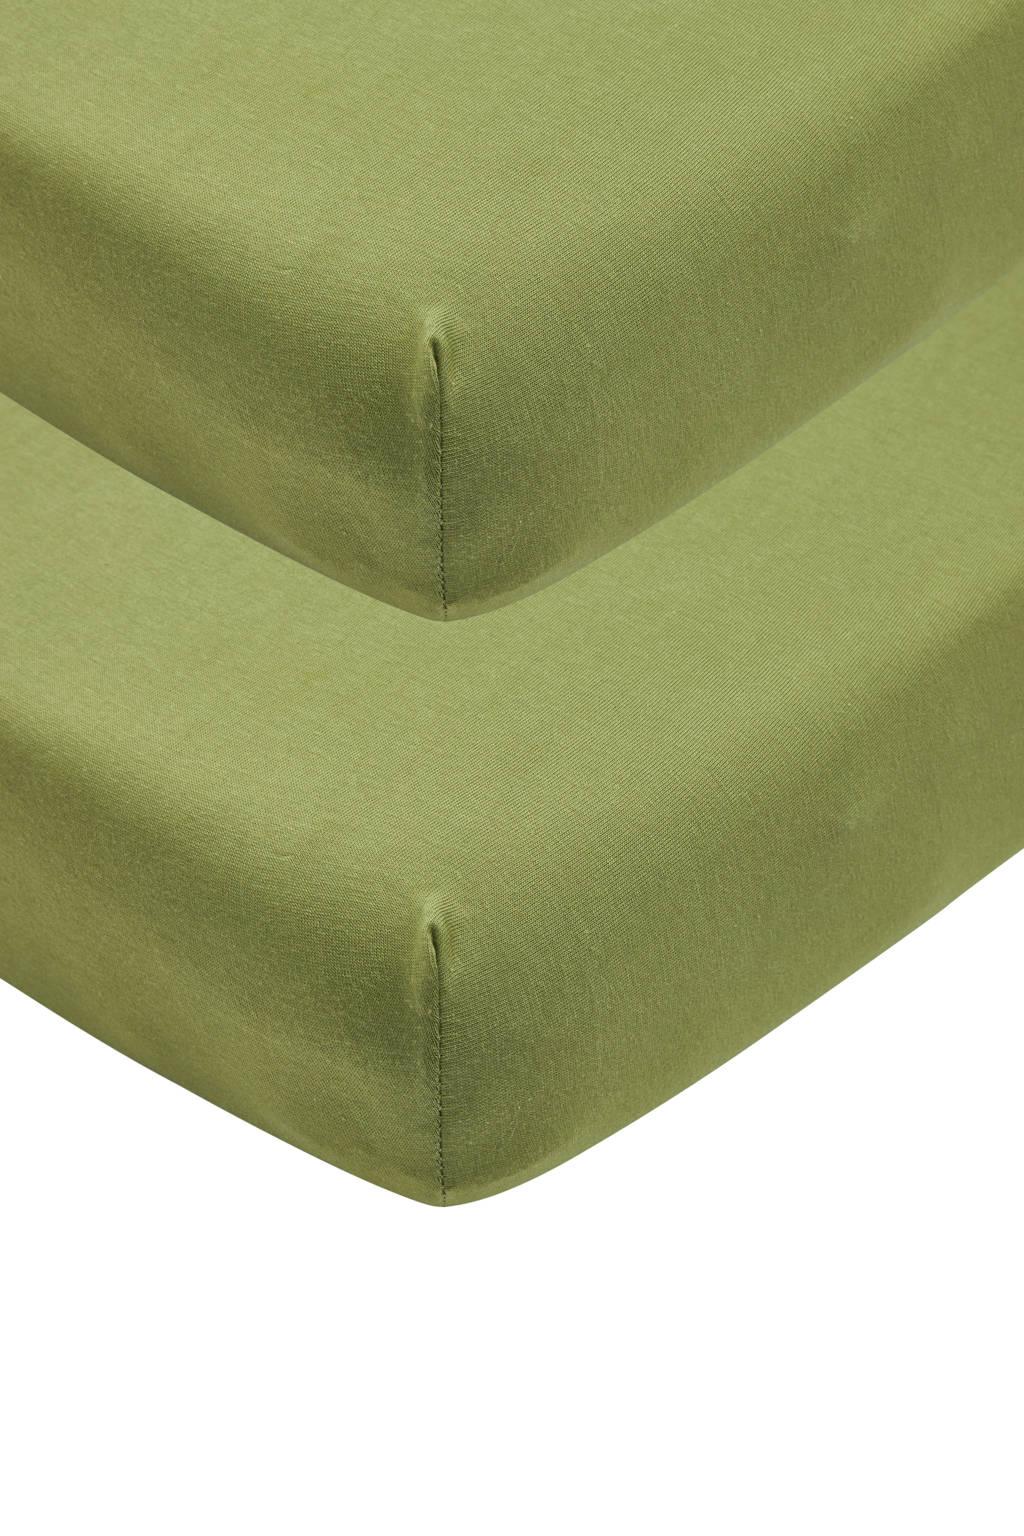 Meyco katoenen jersey hoeslaken wieg - set van 2 40x80/90 avocado Groen